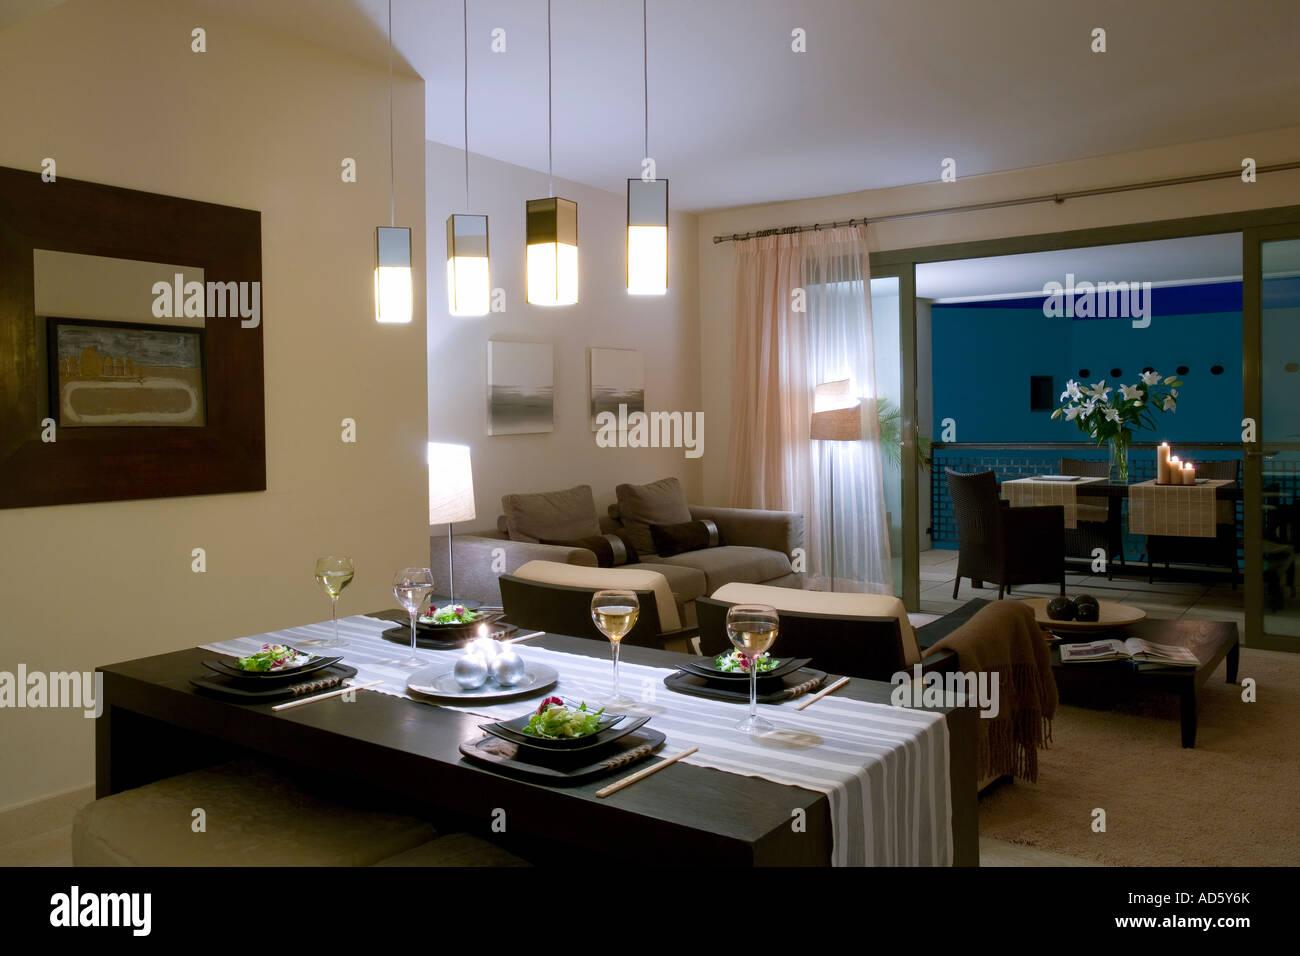 Pendelleuchten über Esstisch Im Wohnzimmer Moderne Apartments Mit Blick  Durch Terrassentüren Tabelle Auf Balkon Am Abend Geöffnet